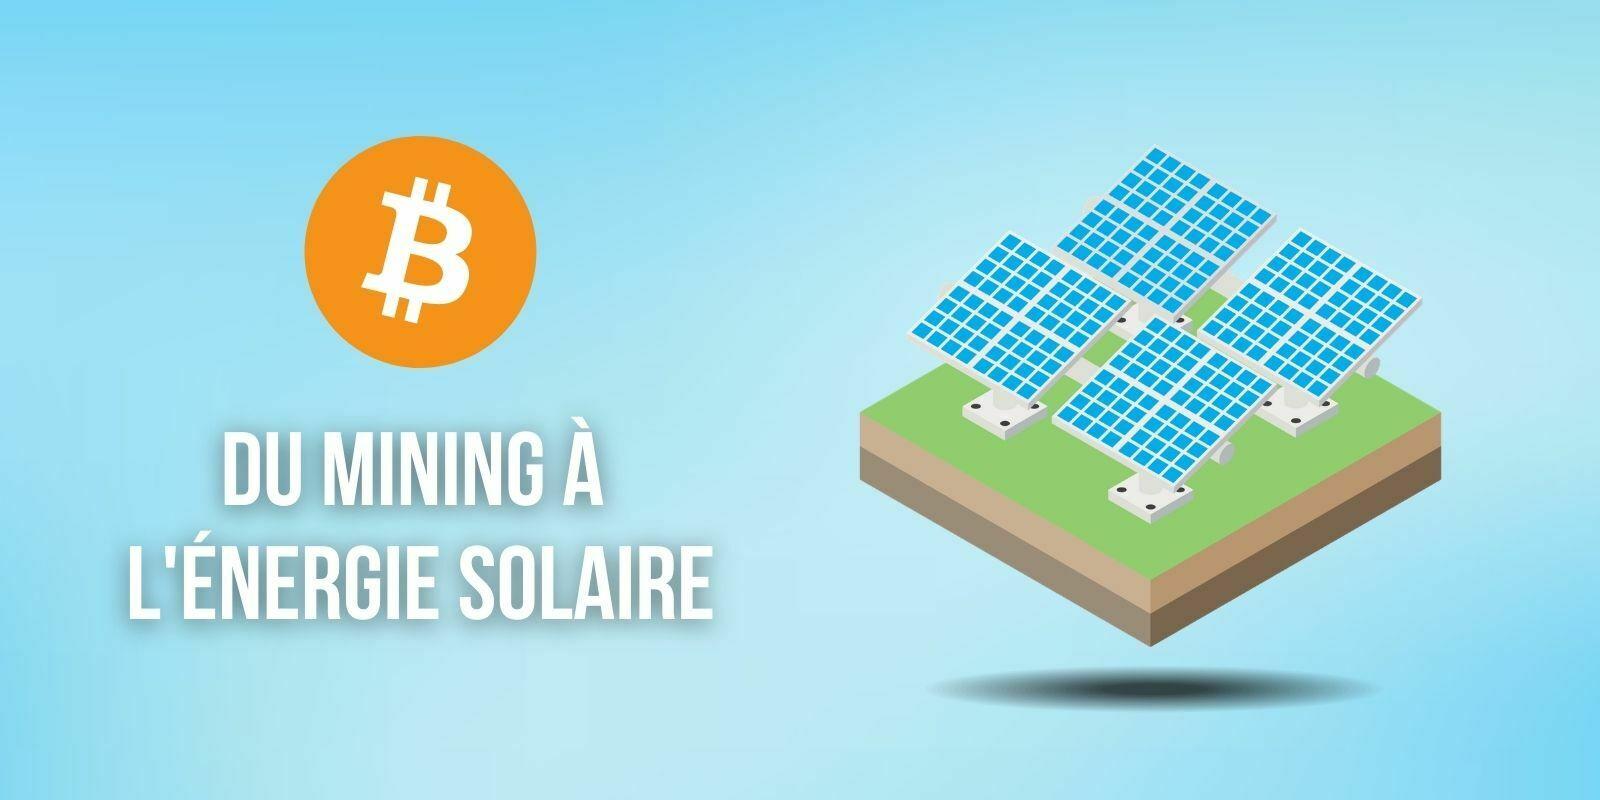 Square et Blockstream vont miner du Bitcoin (BTC) avec de l'énergie solaire